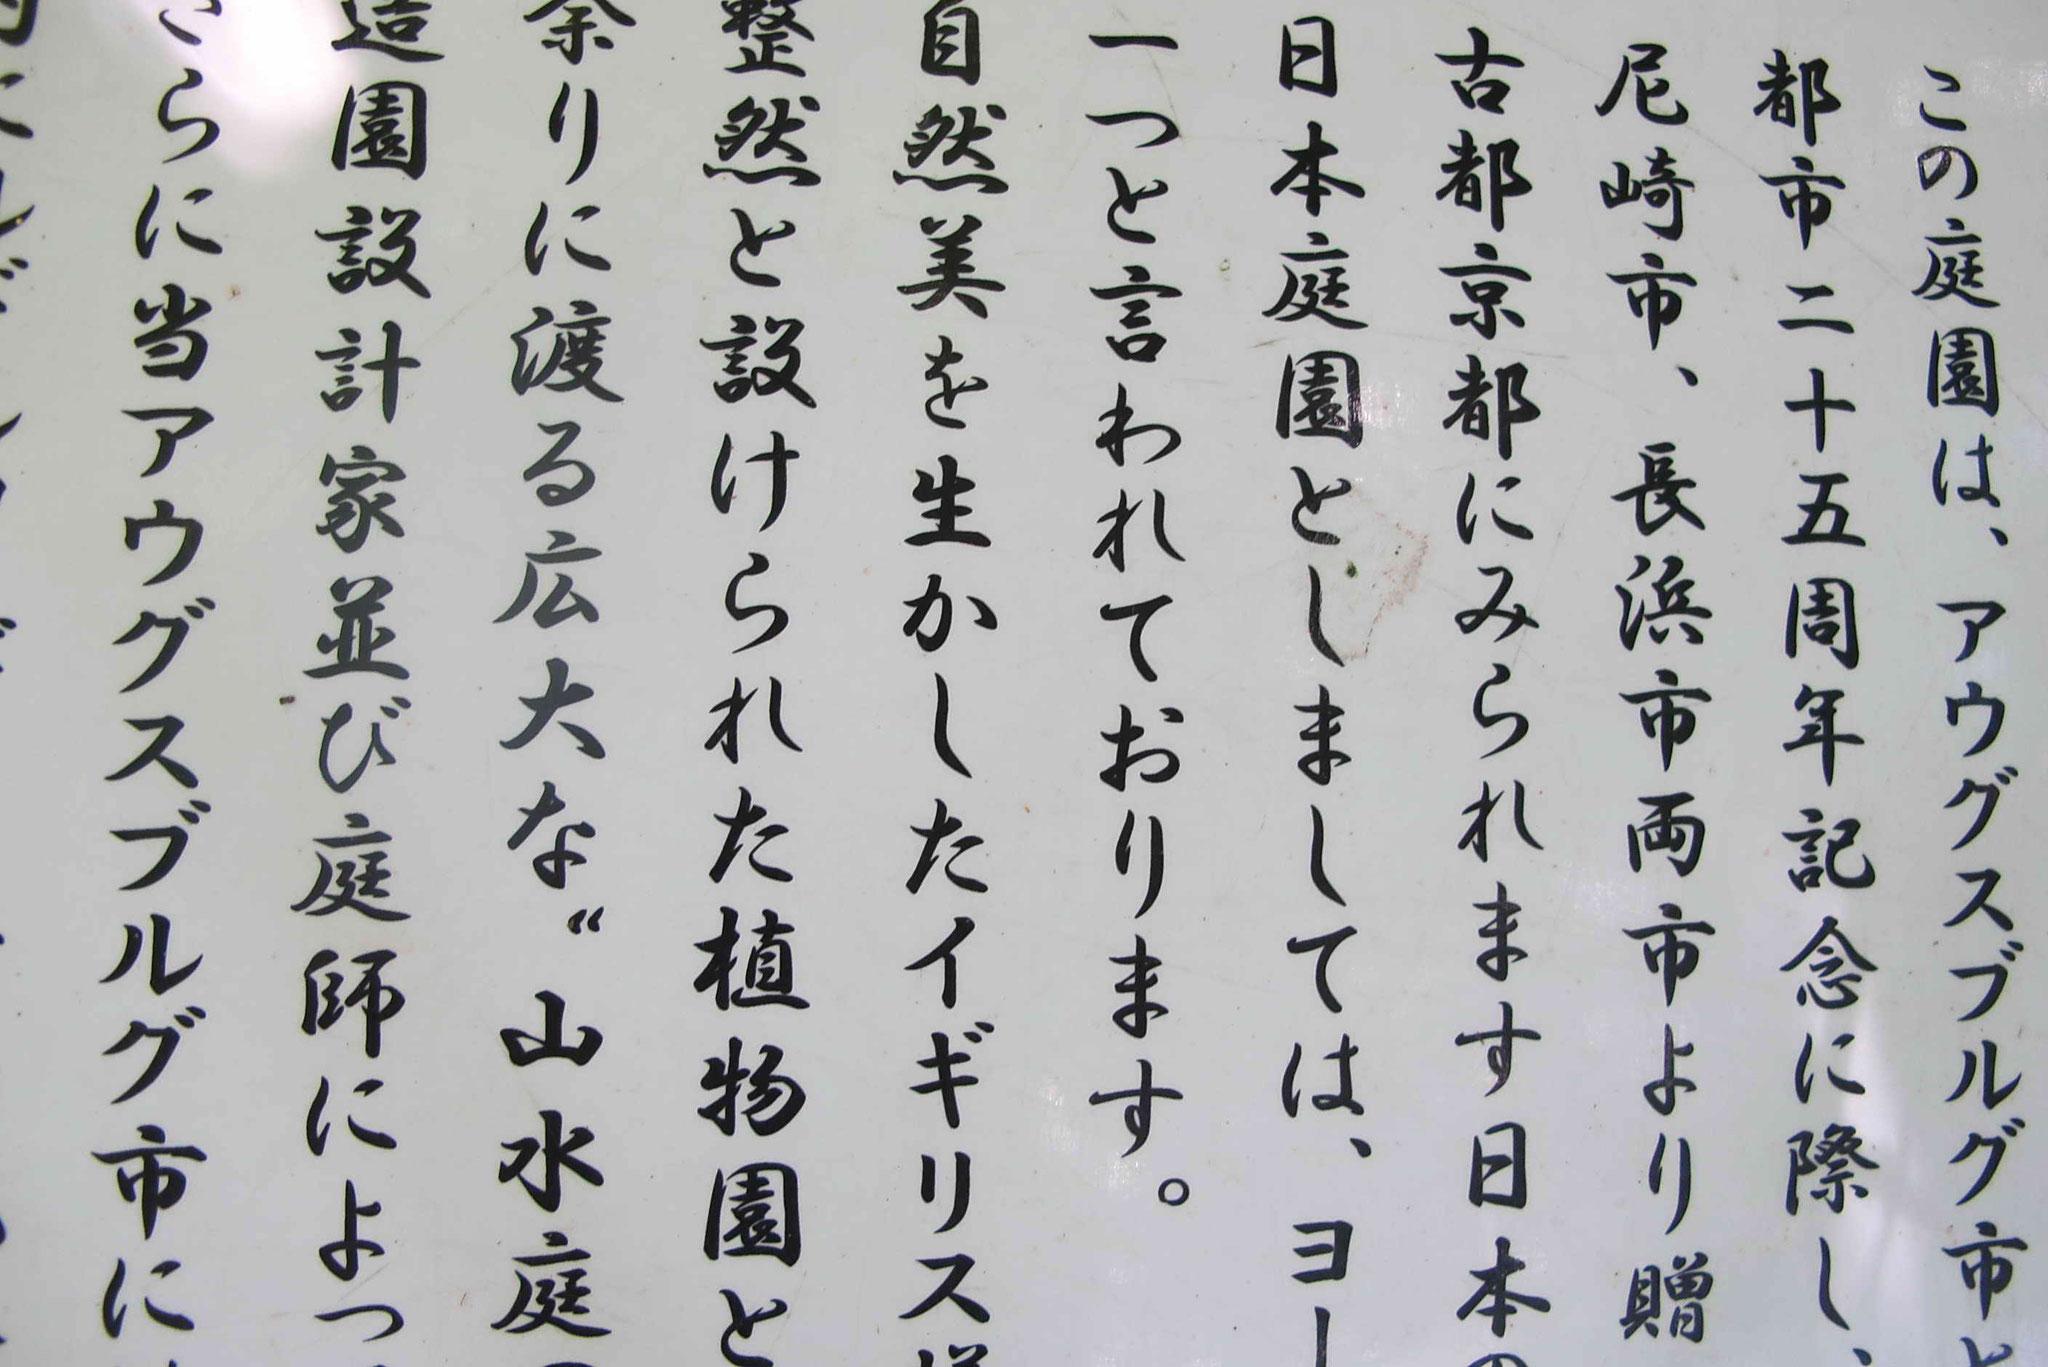 Zugang zum Japanischen Garten - Wer kann´s lesen?